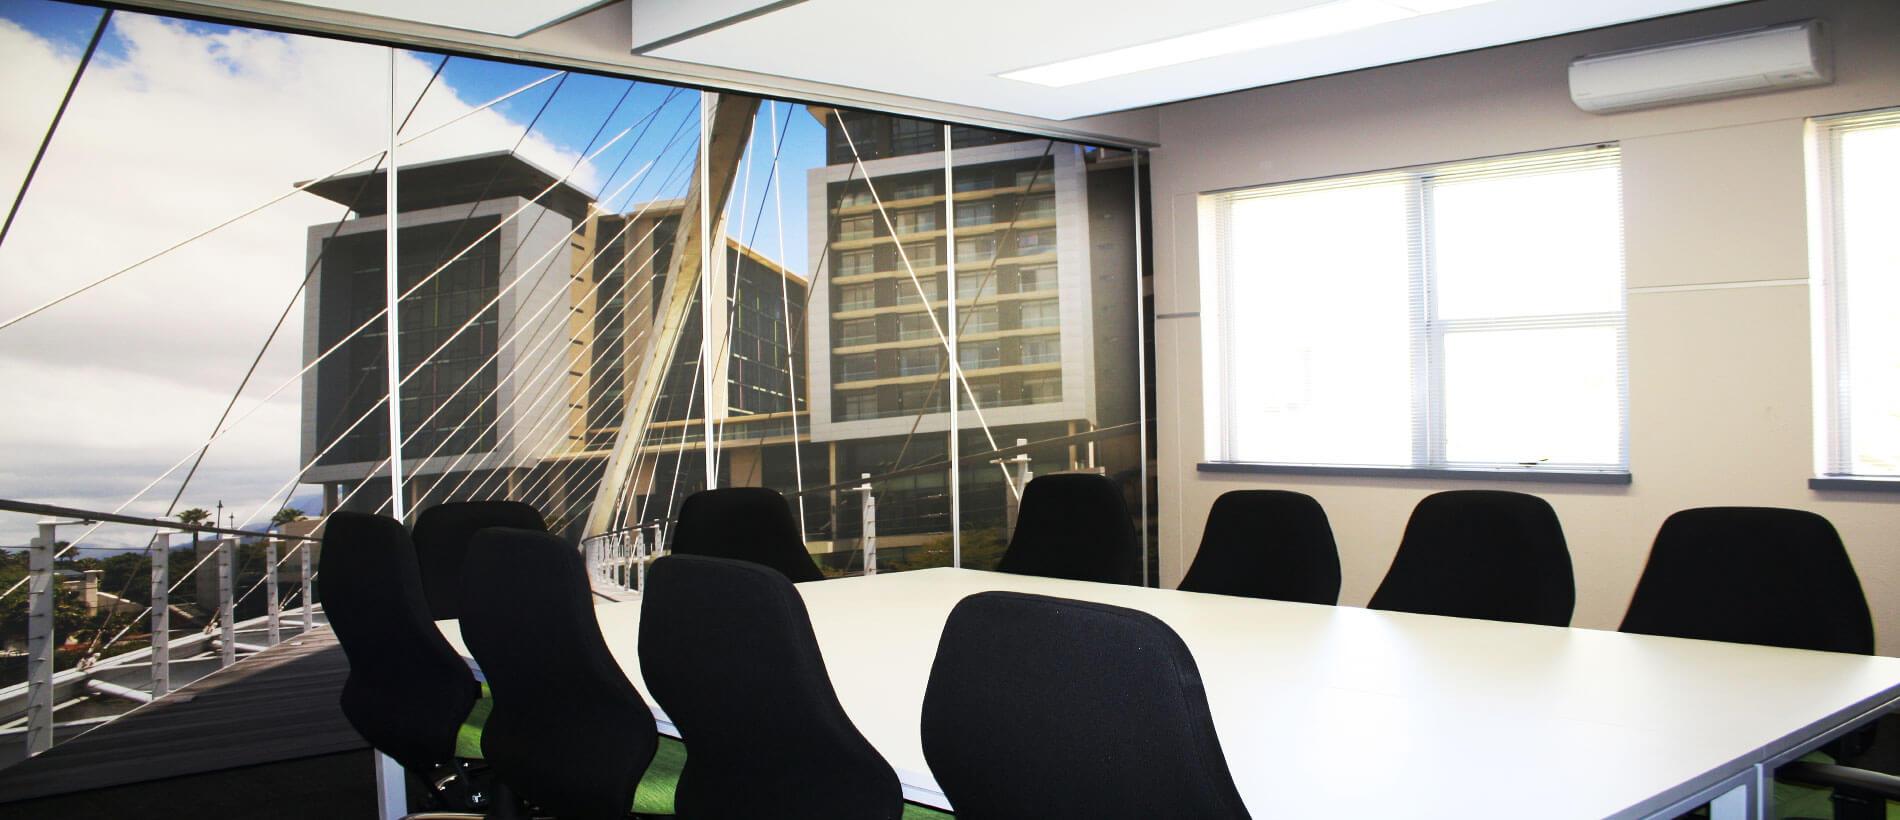 Stellenbosch interior design